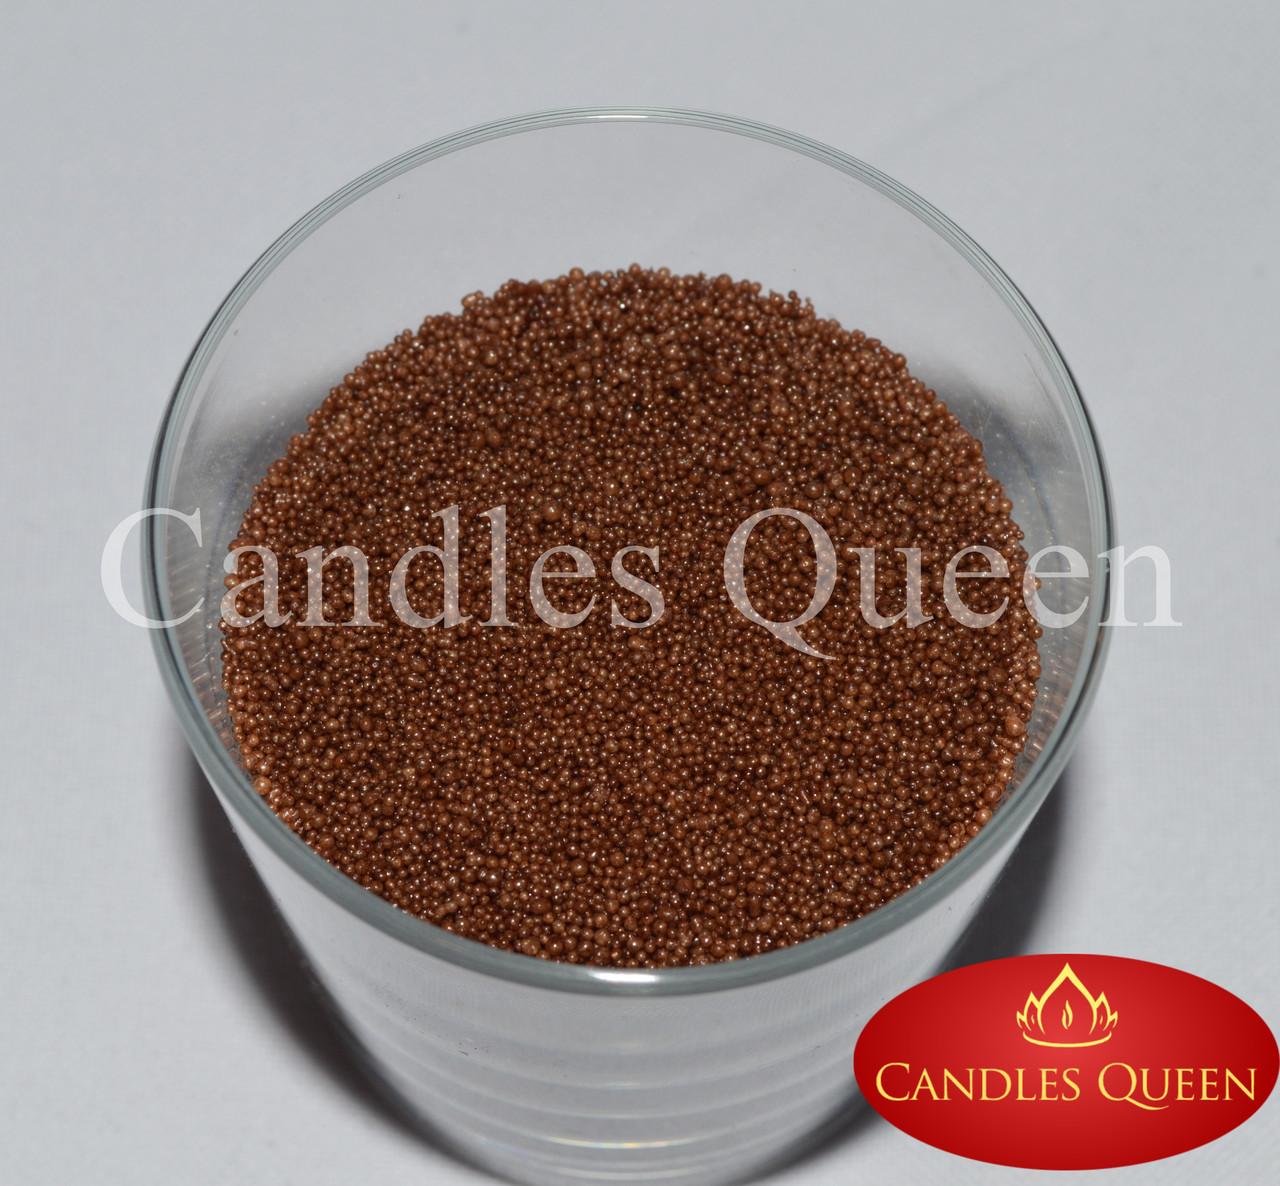 Стеарин цвет молочный шоколад  500г Для создания насыпных свечей и литых